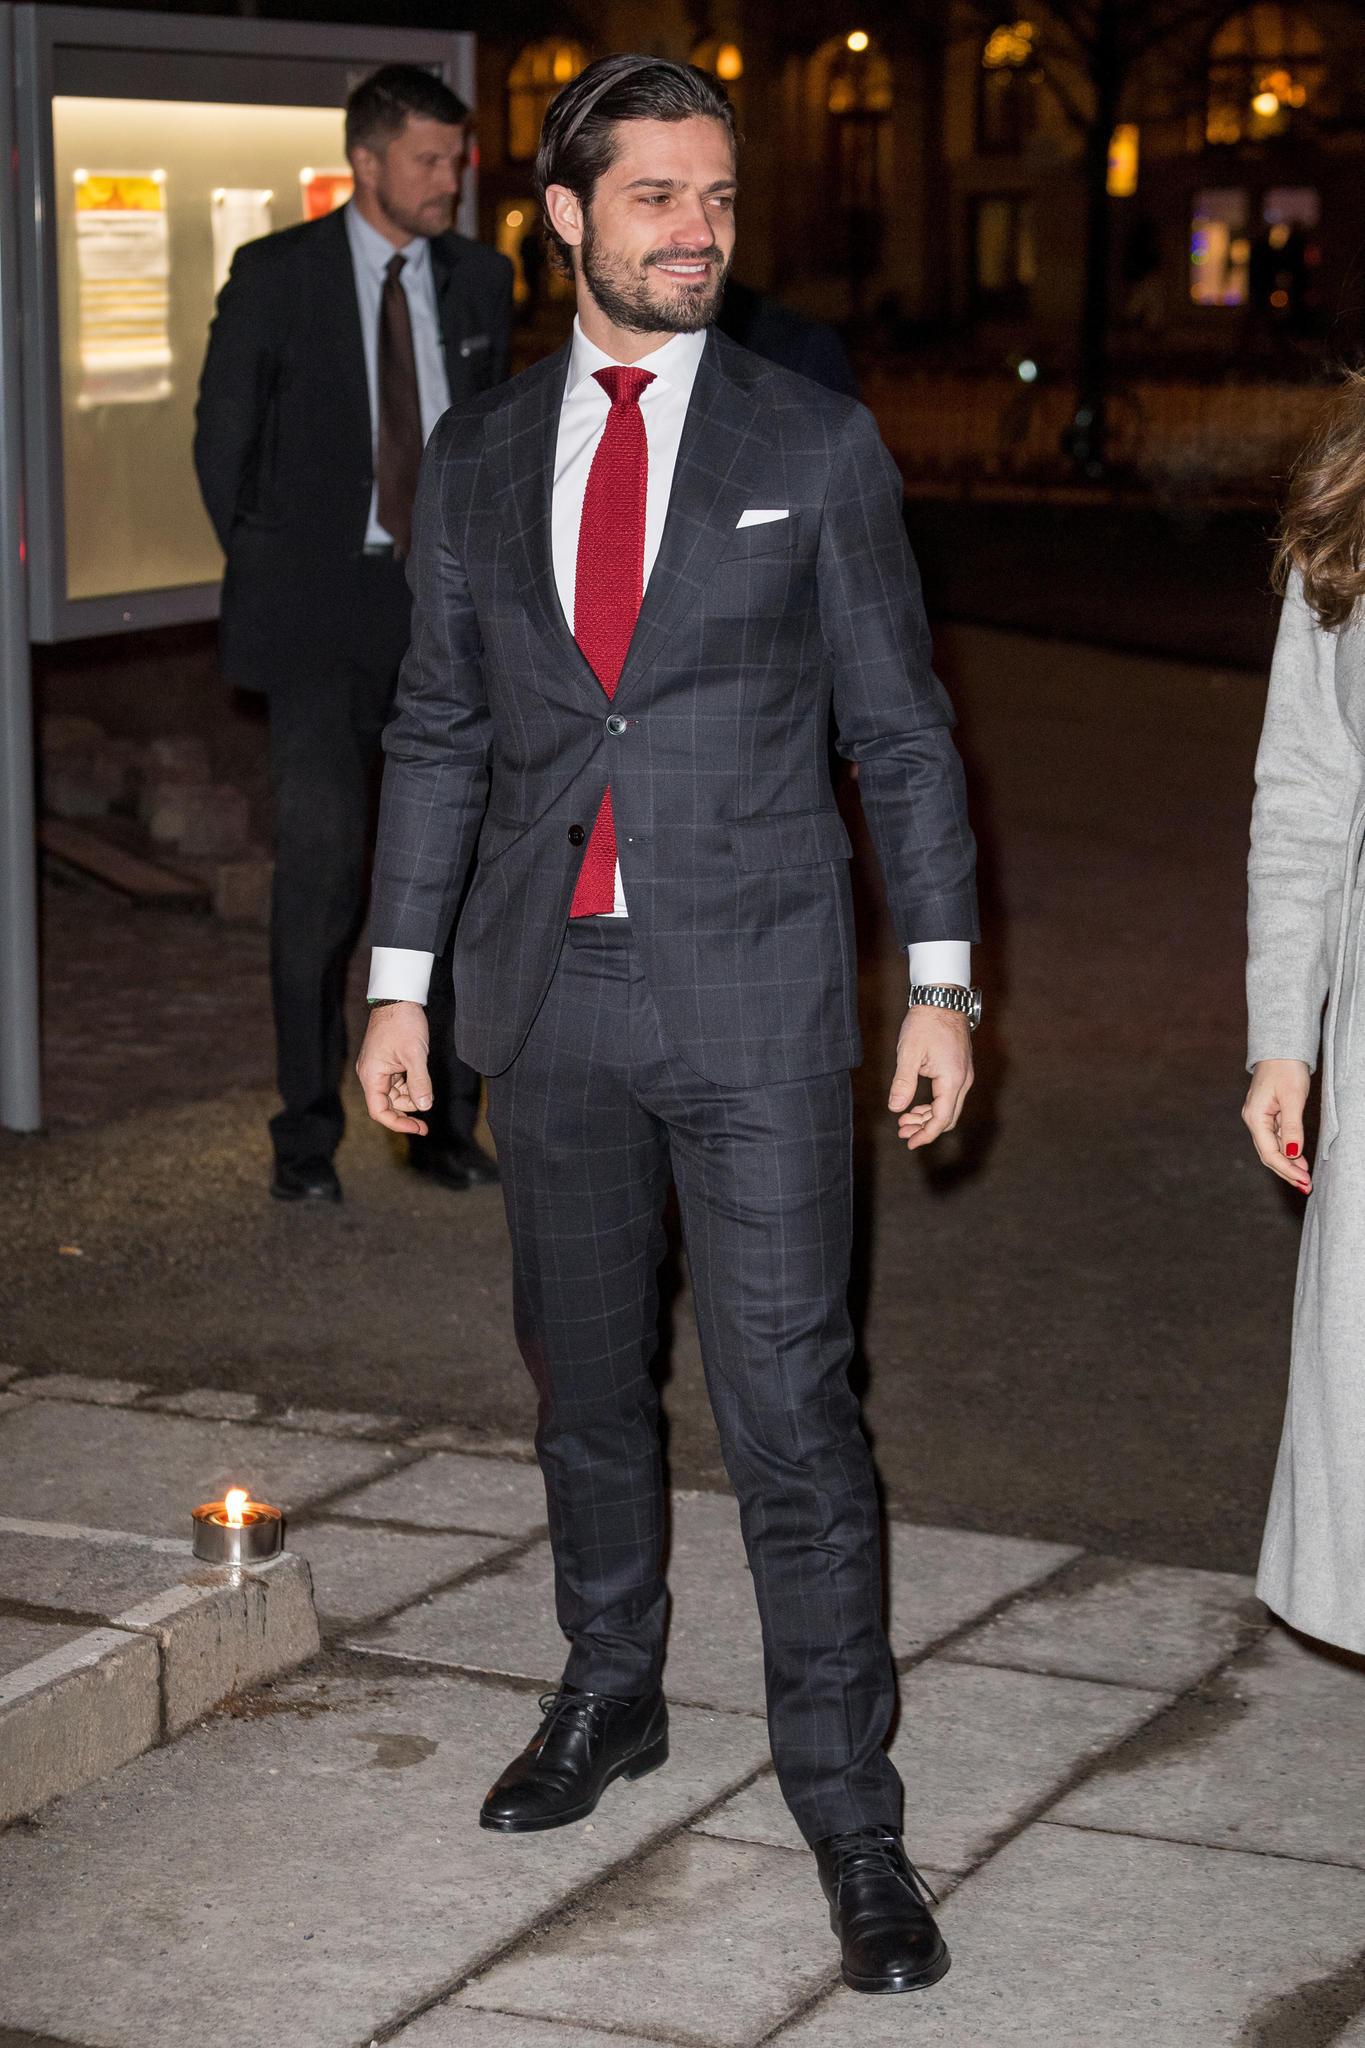 Das spannt aber ein bisschen! Der karierte Anzug von Prinz Carl Philip hat schon mal besser gepasst...